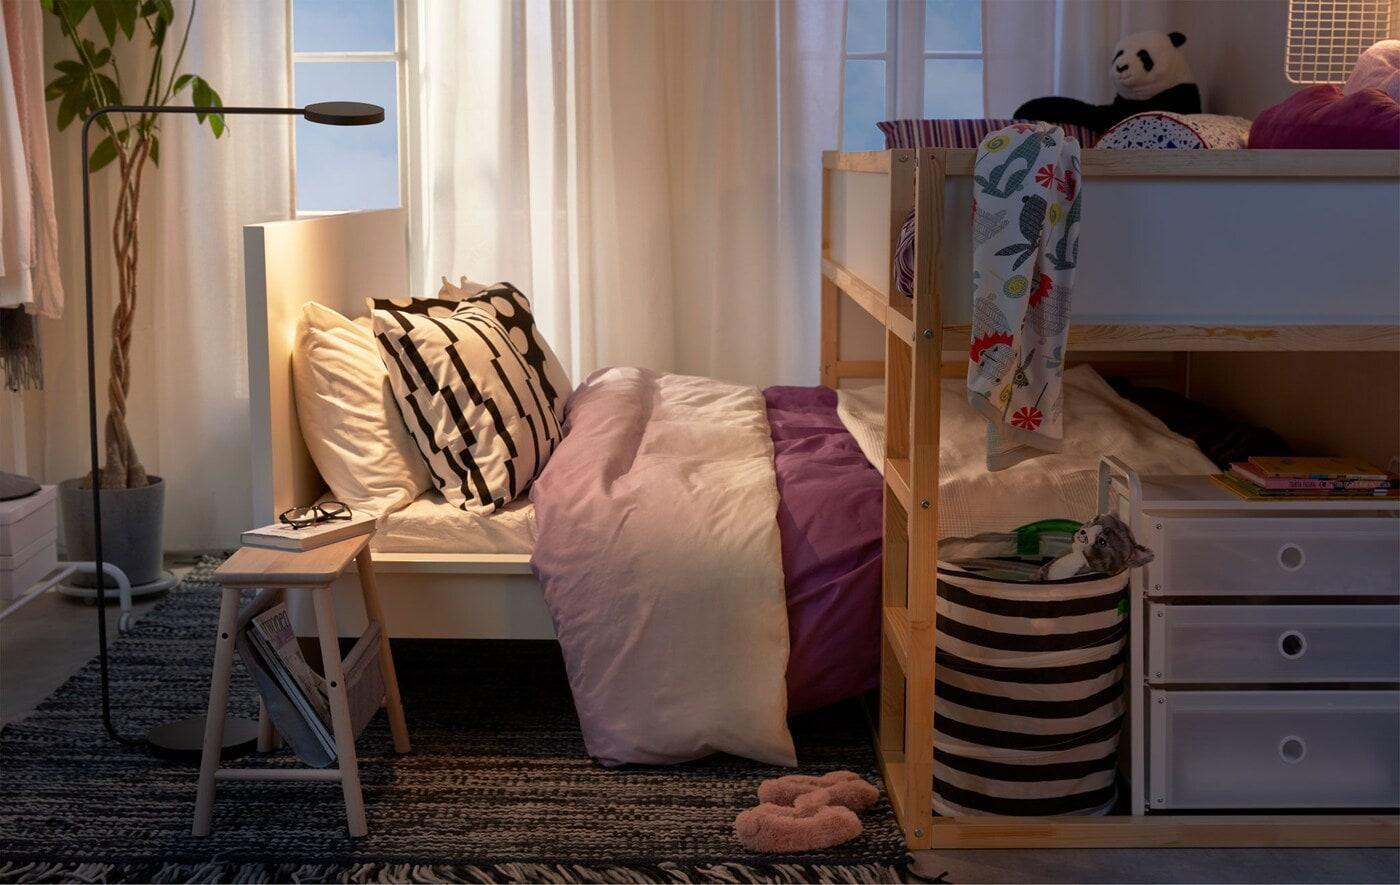 Cama alta con una cama inferior, como la de un niño que se coloca entre la de sus padres, en una habitación con poco espacio.